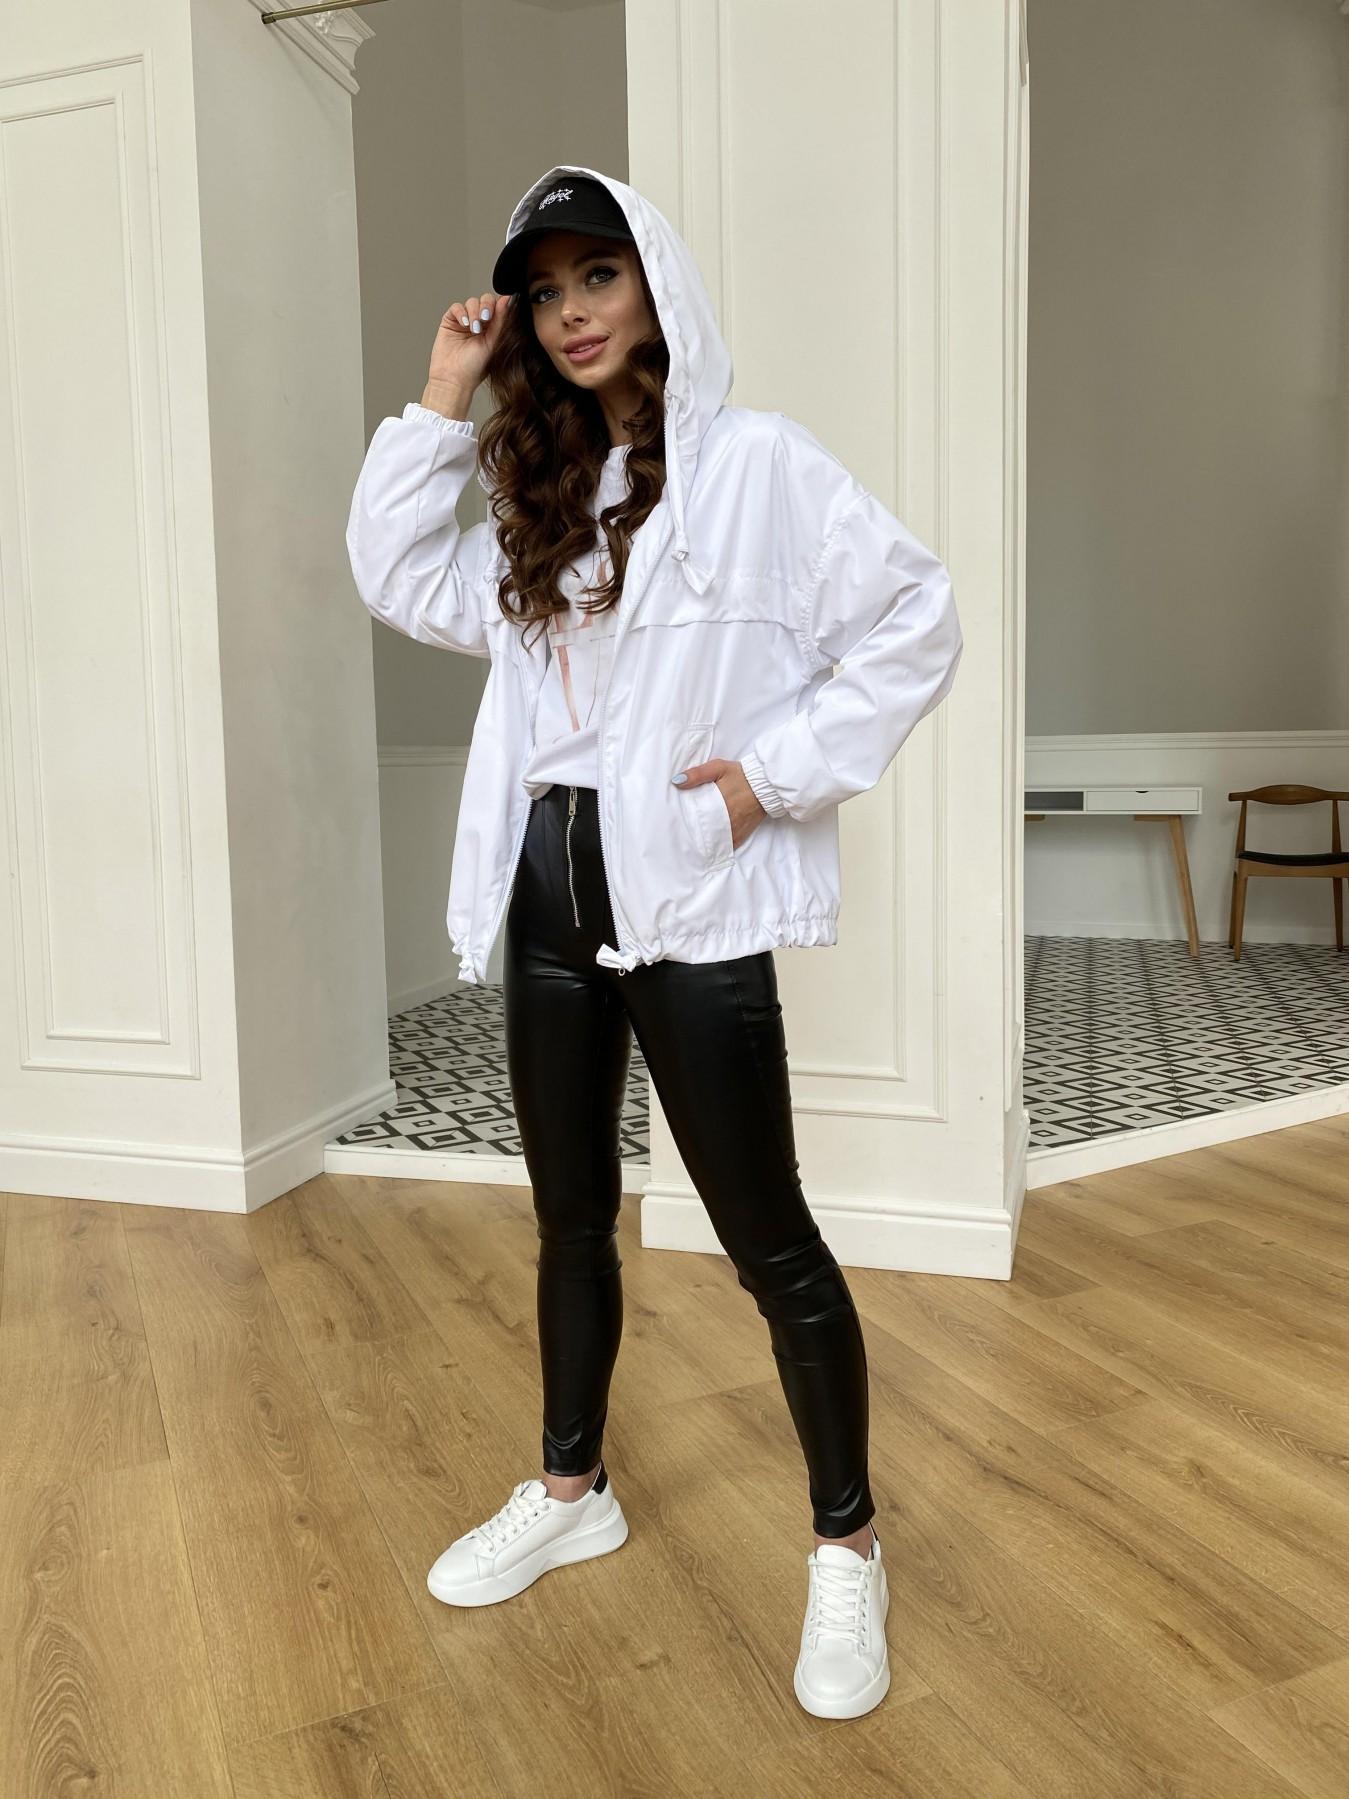 Фит куртка из плащевой ткани Ammy 11013 АРТ. 47646 Цвет: Молоко 12 - фото 5, интернет магазин tm-modus.ru